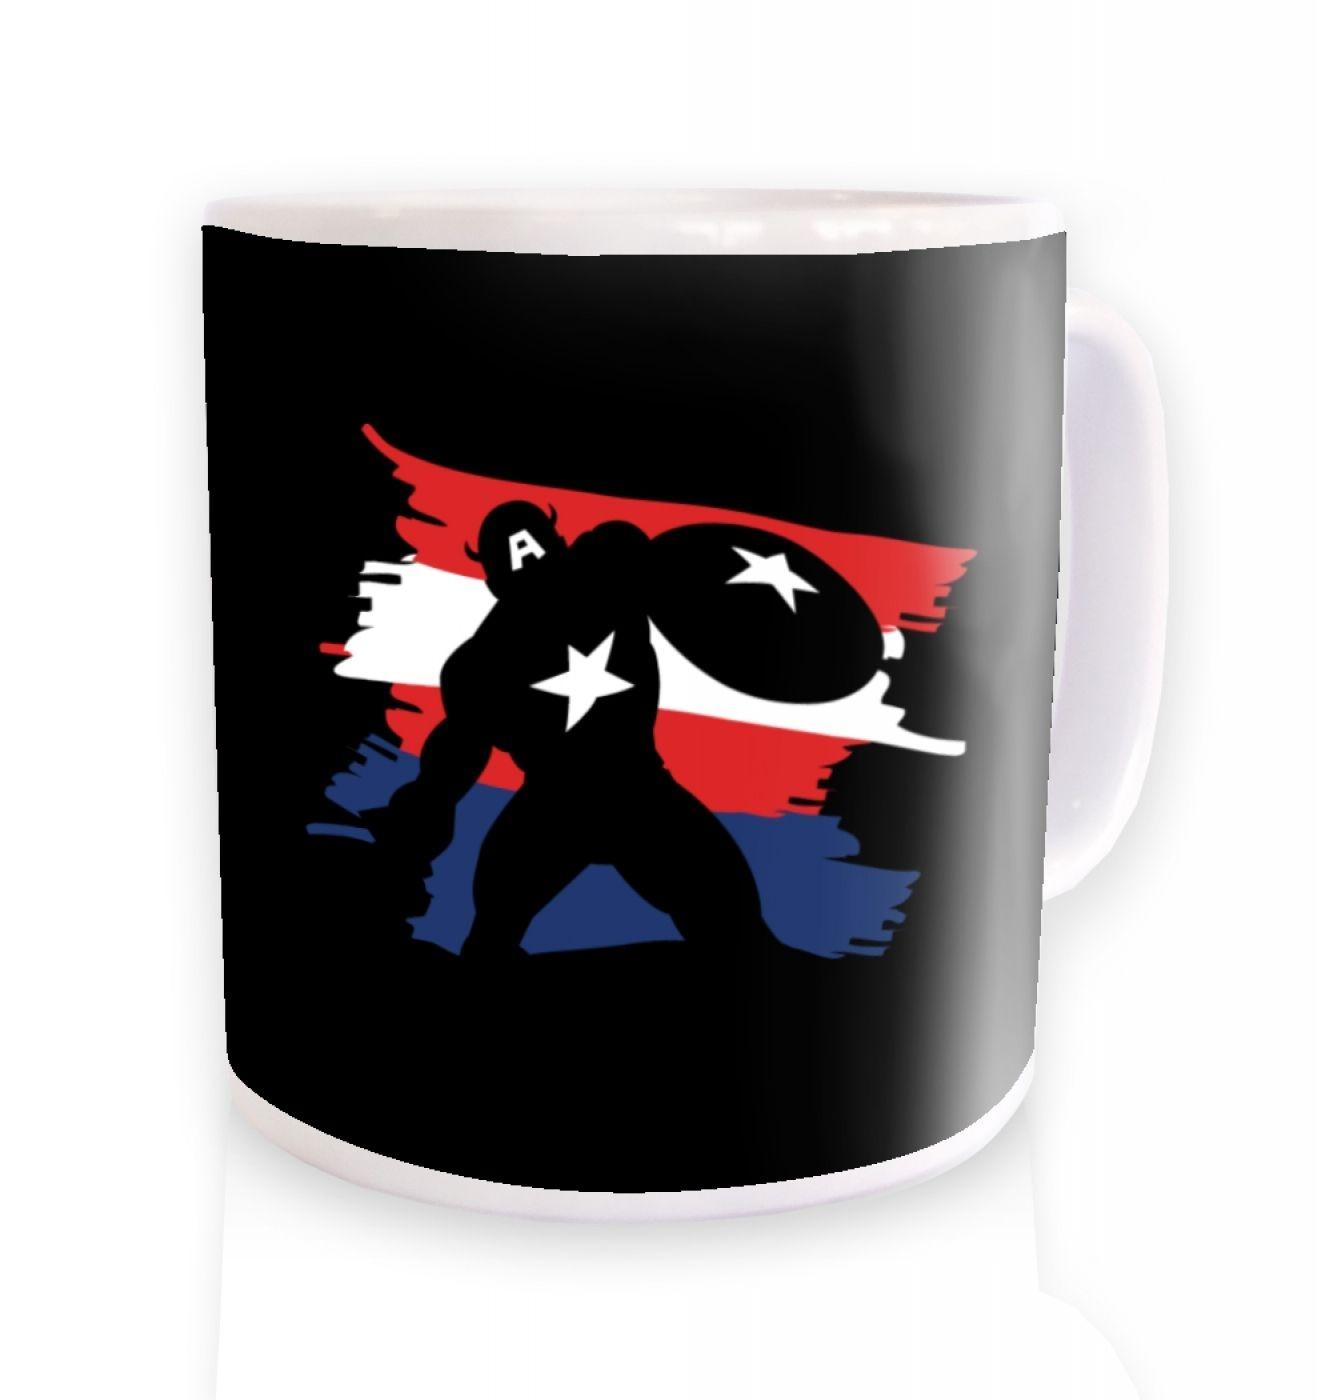 The Captain ceramic coffee mug